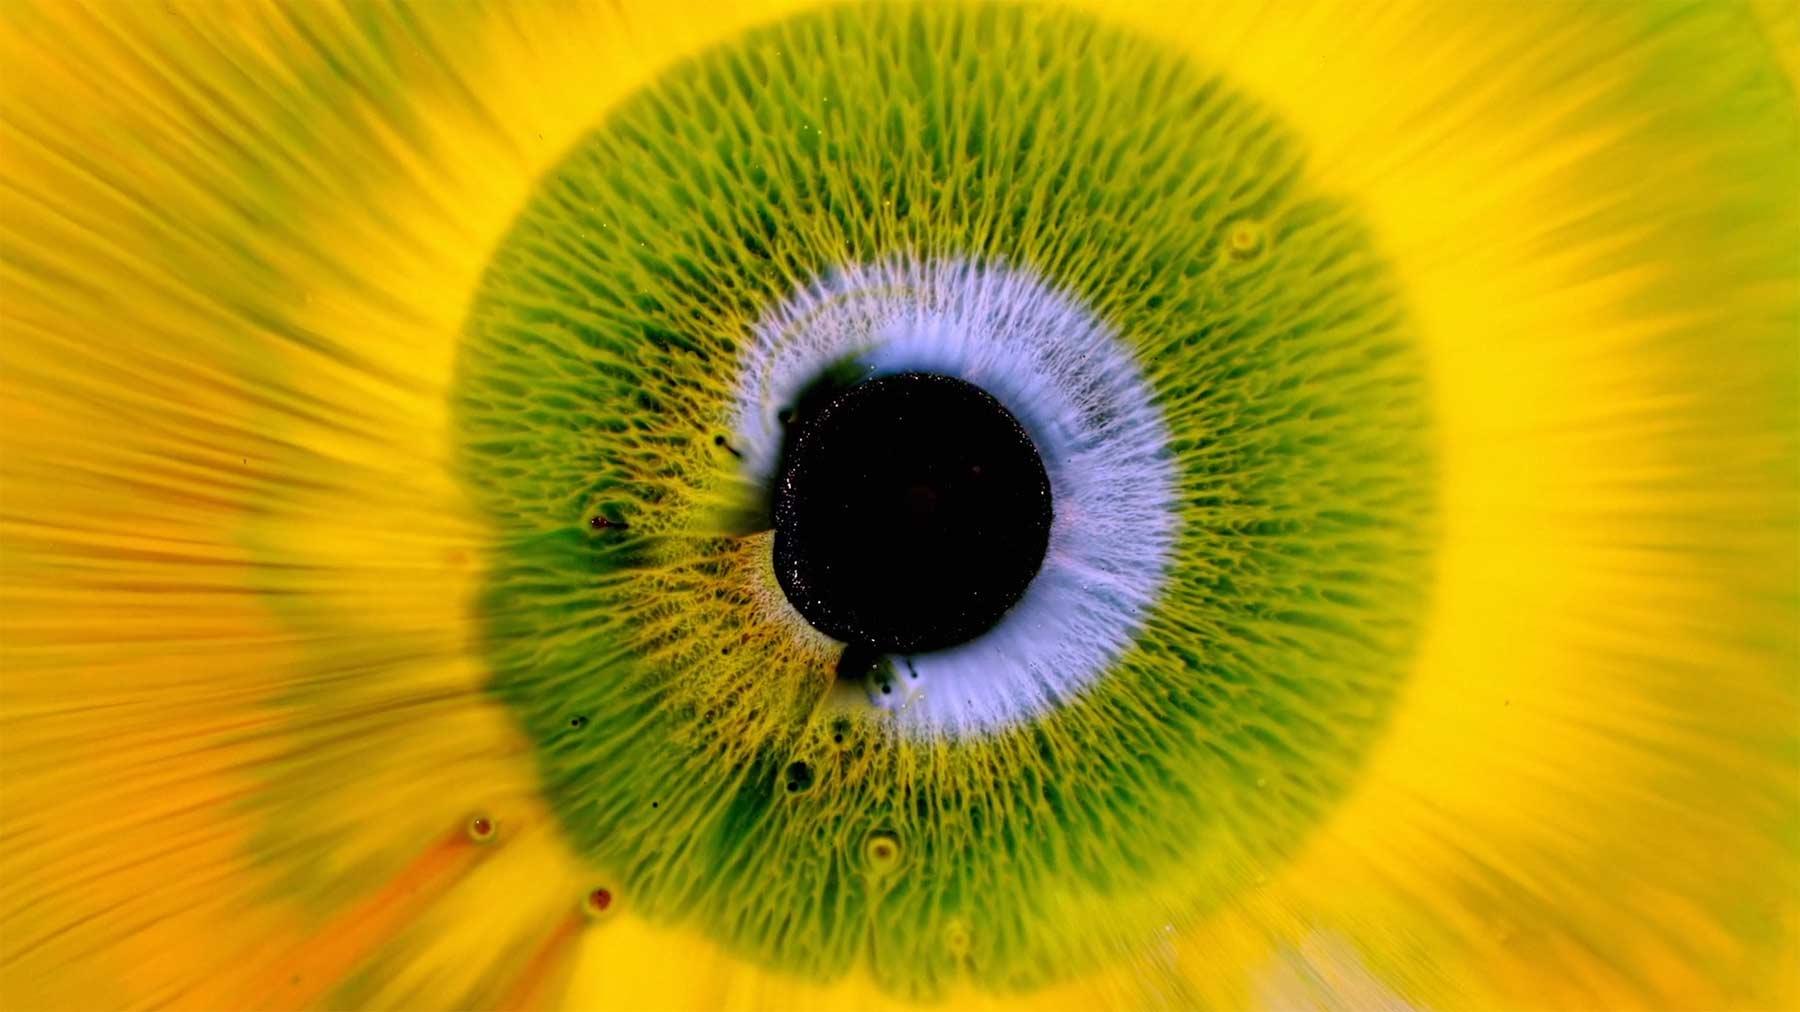 Makro-Aufnahmen von Flüssigkeiten in Iris-Optik